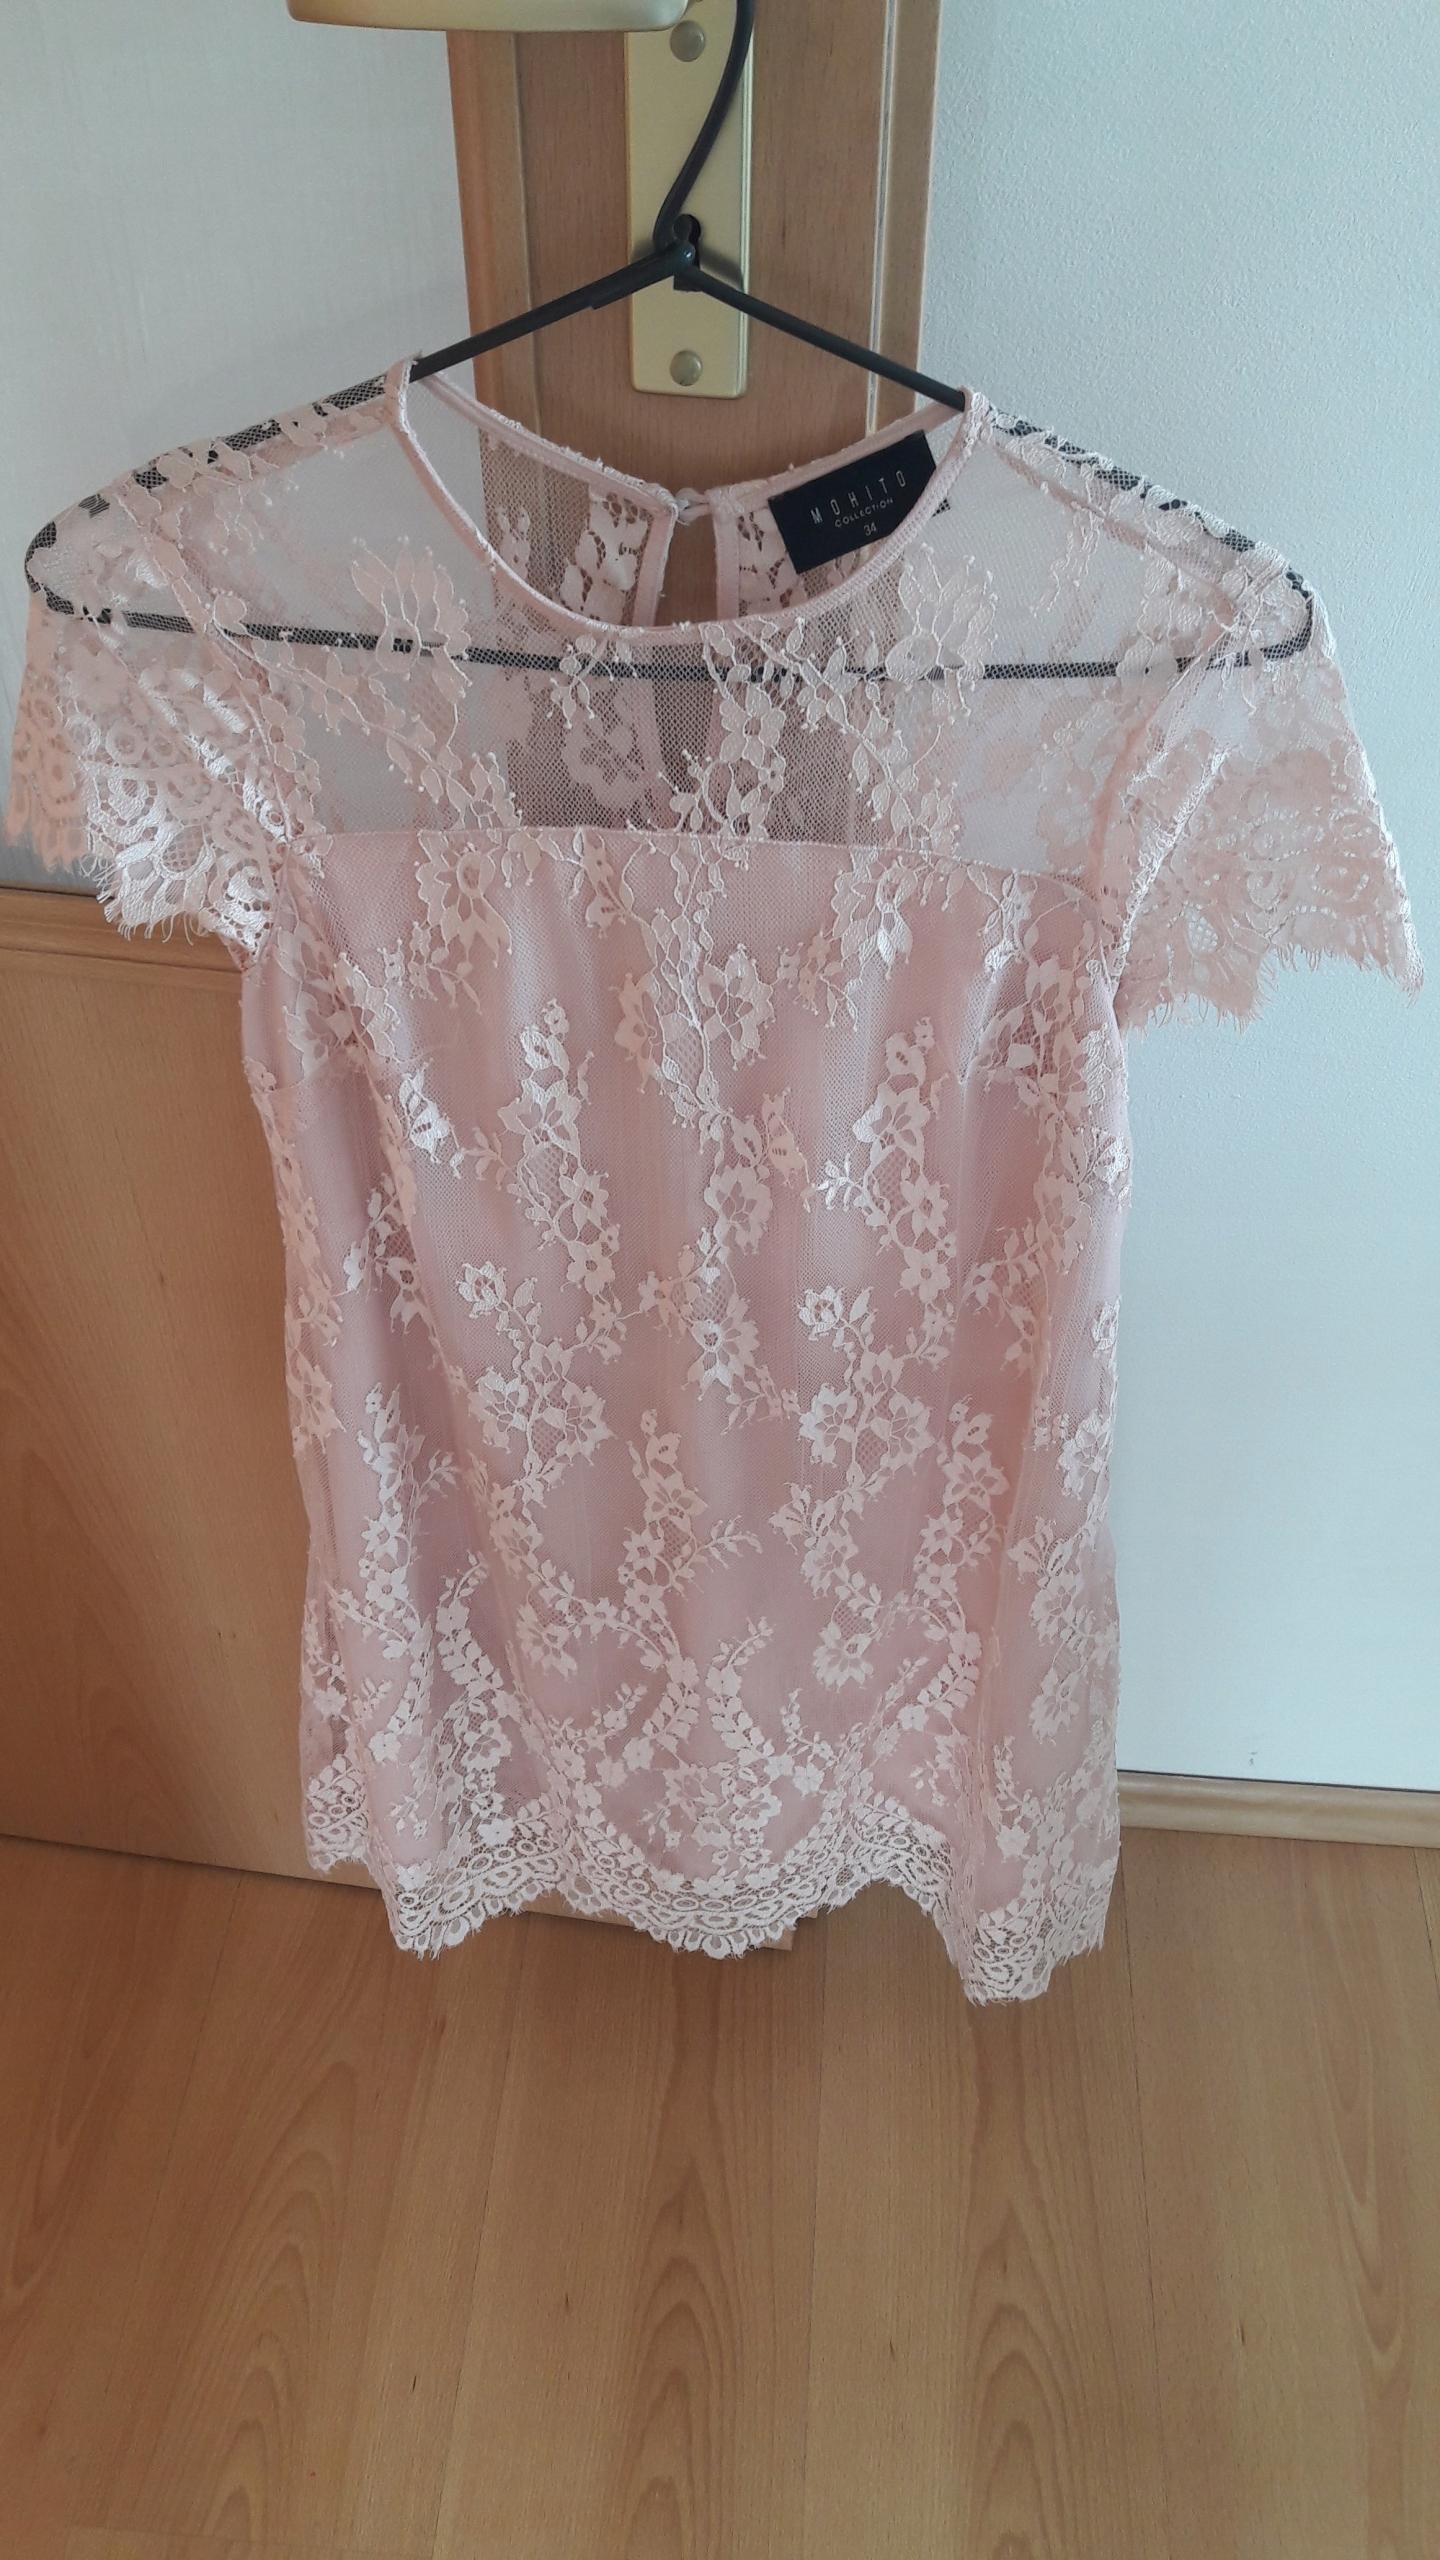 234bcd9b Mohito sukienka koronkowa pudrowy róż r. 34 - 7557371817 - oficjalne ...